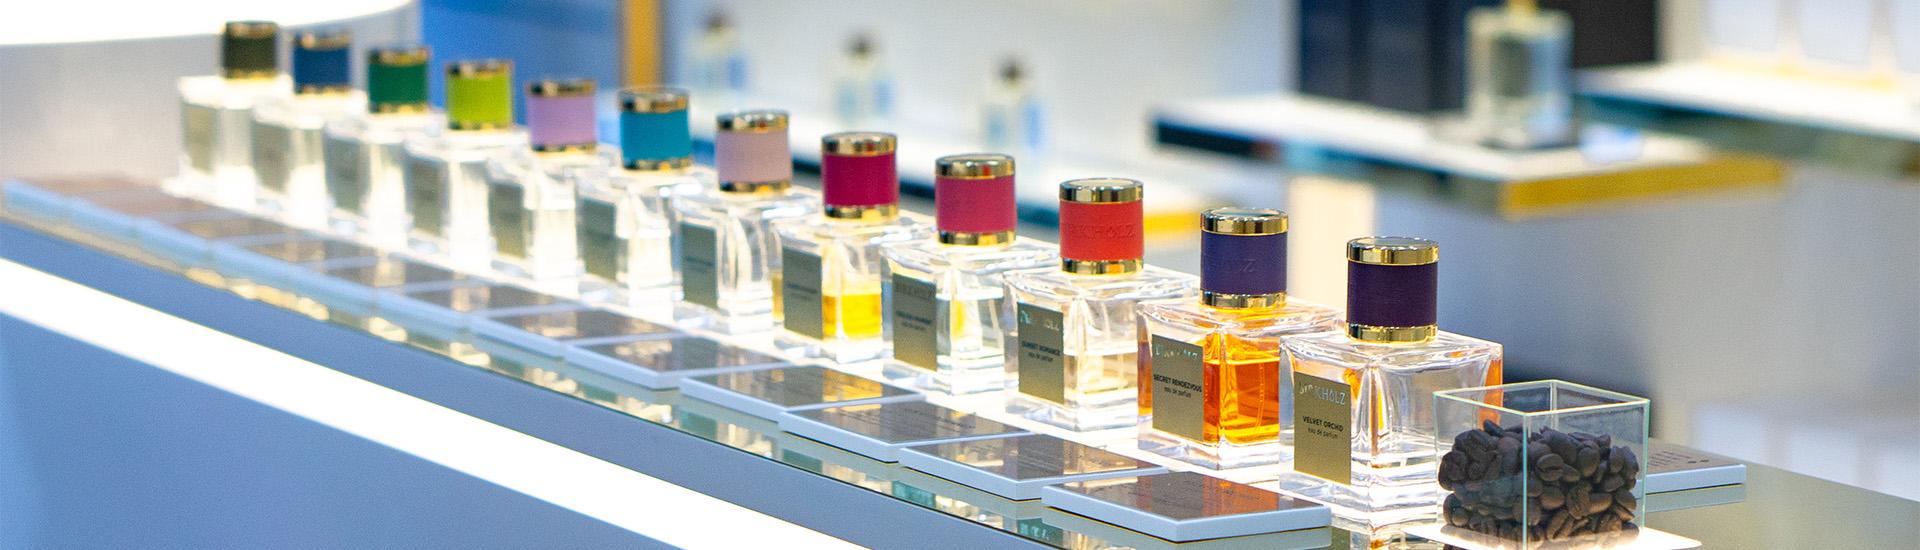 Немецкая нишевая парфюмерия: Birkholz Perfume Manufacture в Берлине